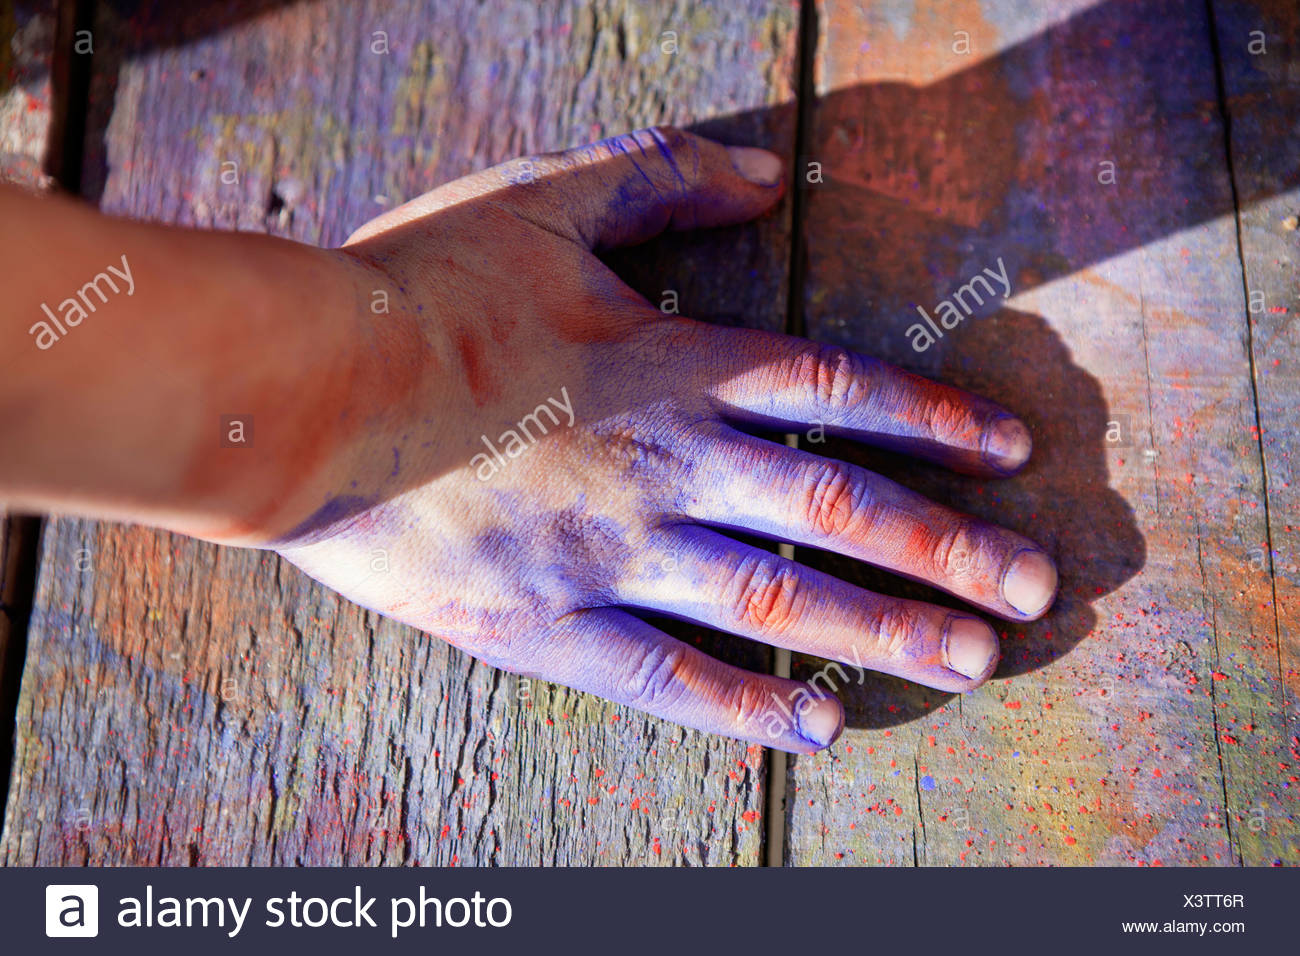 Alemania, en Renania del Norte-Westfalia, Colonia, mano humana cubiertos con color, cerrar Imagen De Stock